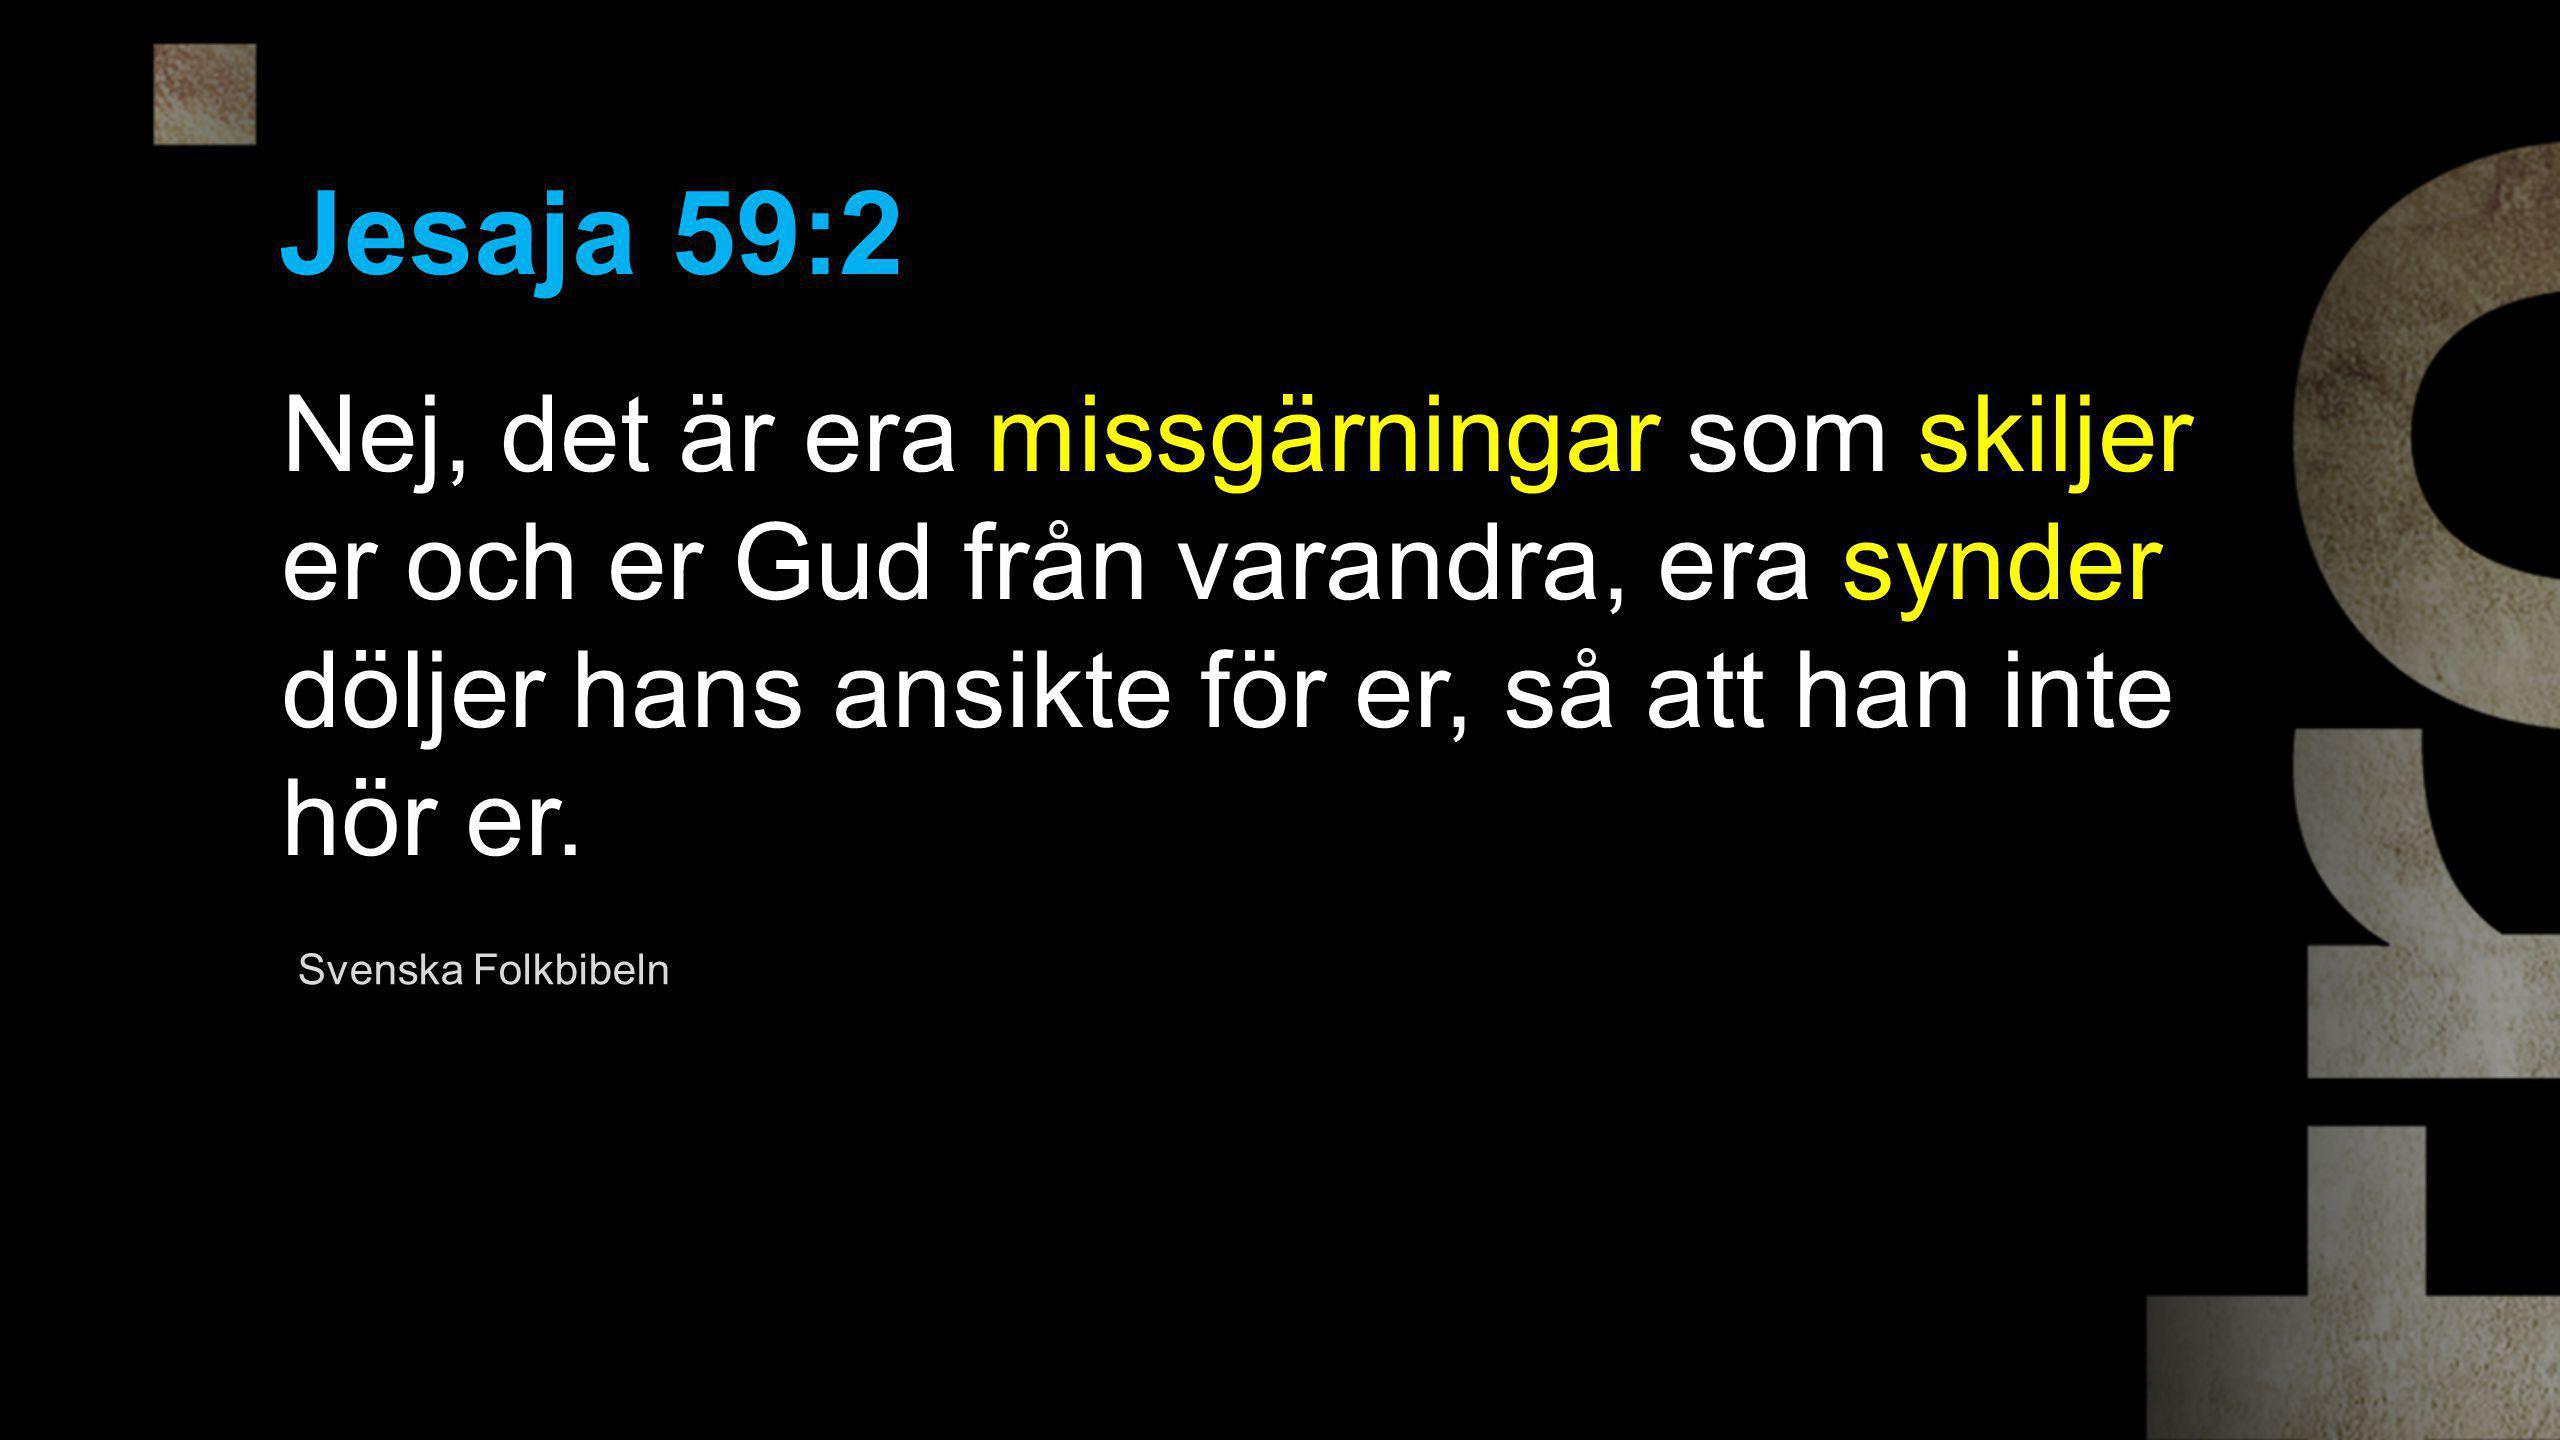 Jesaja 59:2 Nej, det är era missgärningar som skiljer er och er Gud från varandra, era synder döljer hans ansikte för er, så att han inte hör er. Sven